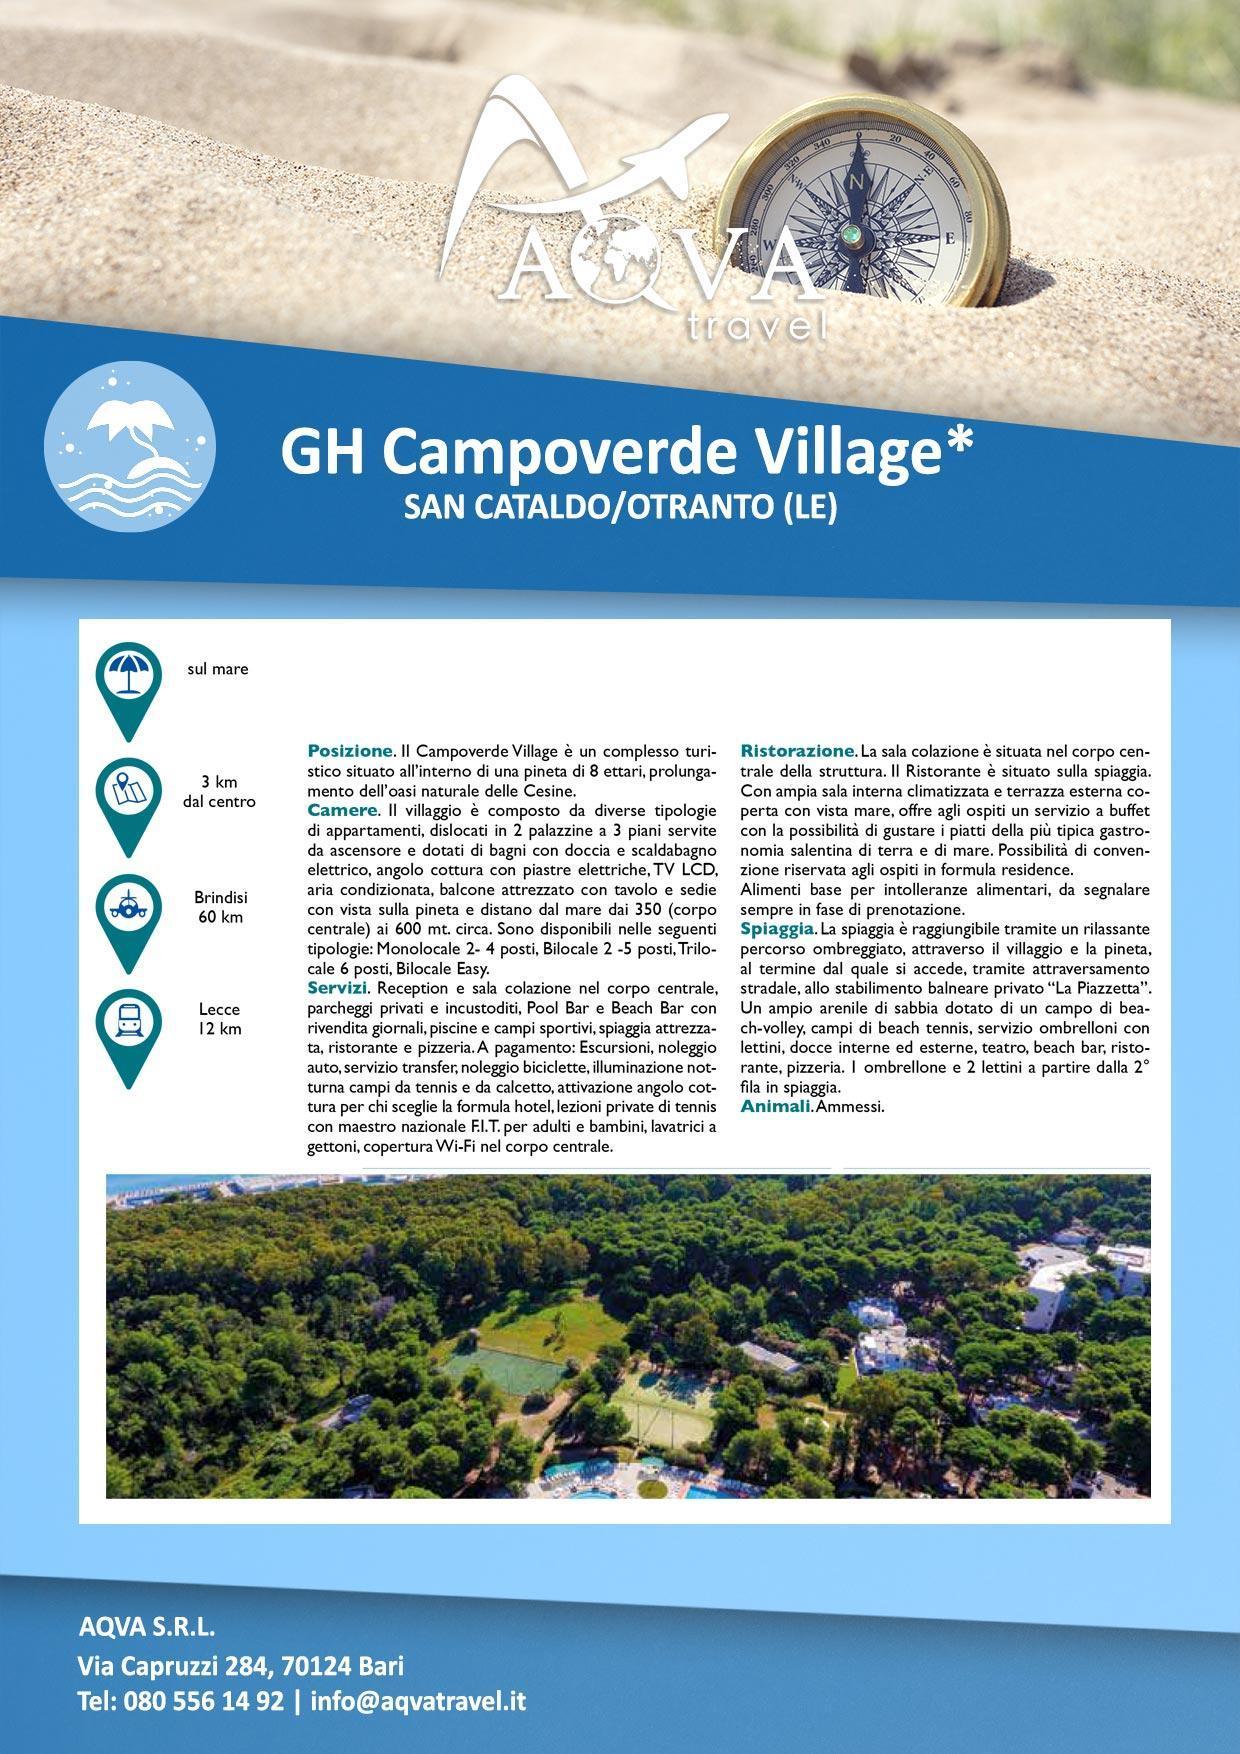 GH-Campoverde-Mare-offerte-agenzia-di-viaggi-Bari-AQVATRAVEL-it